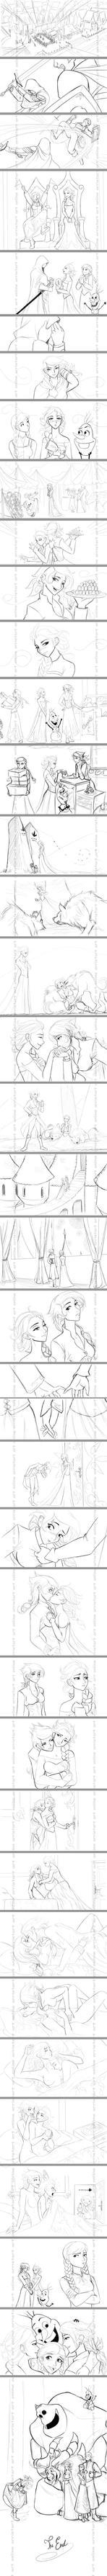 Elsa falls in love-Frozen fan story- by Arrietart